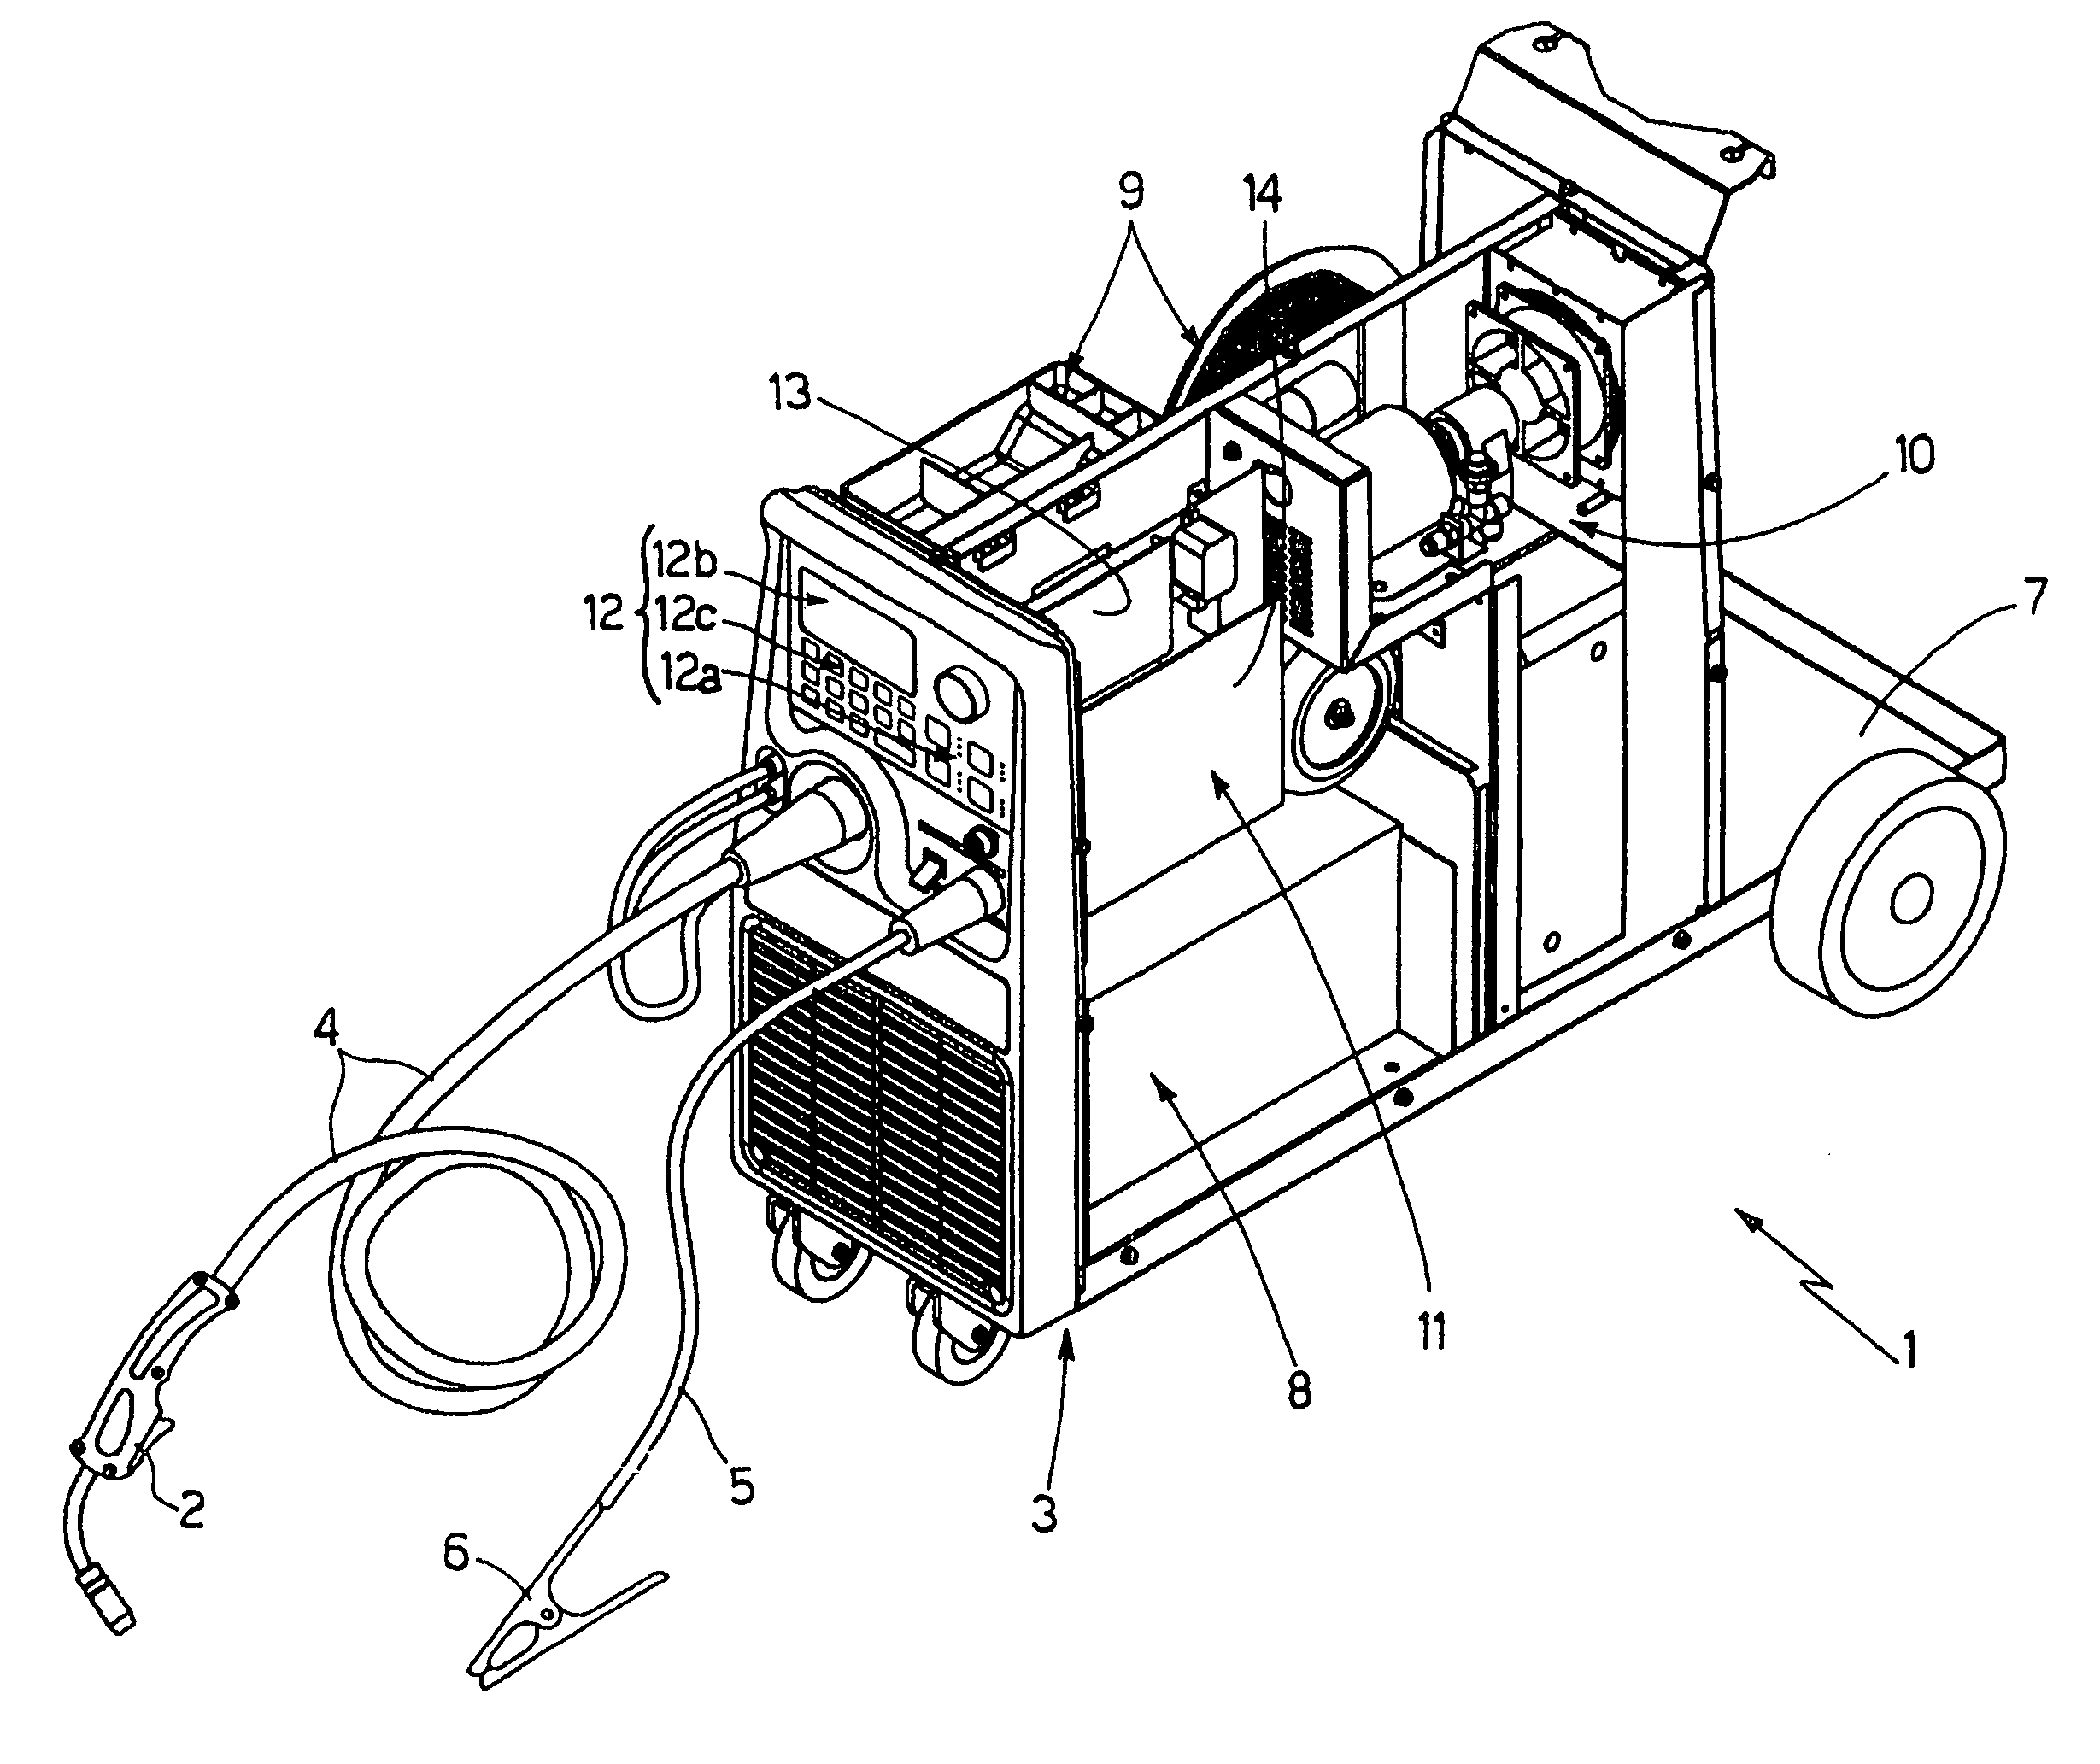 patent us8080762